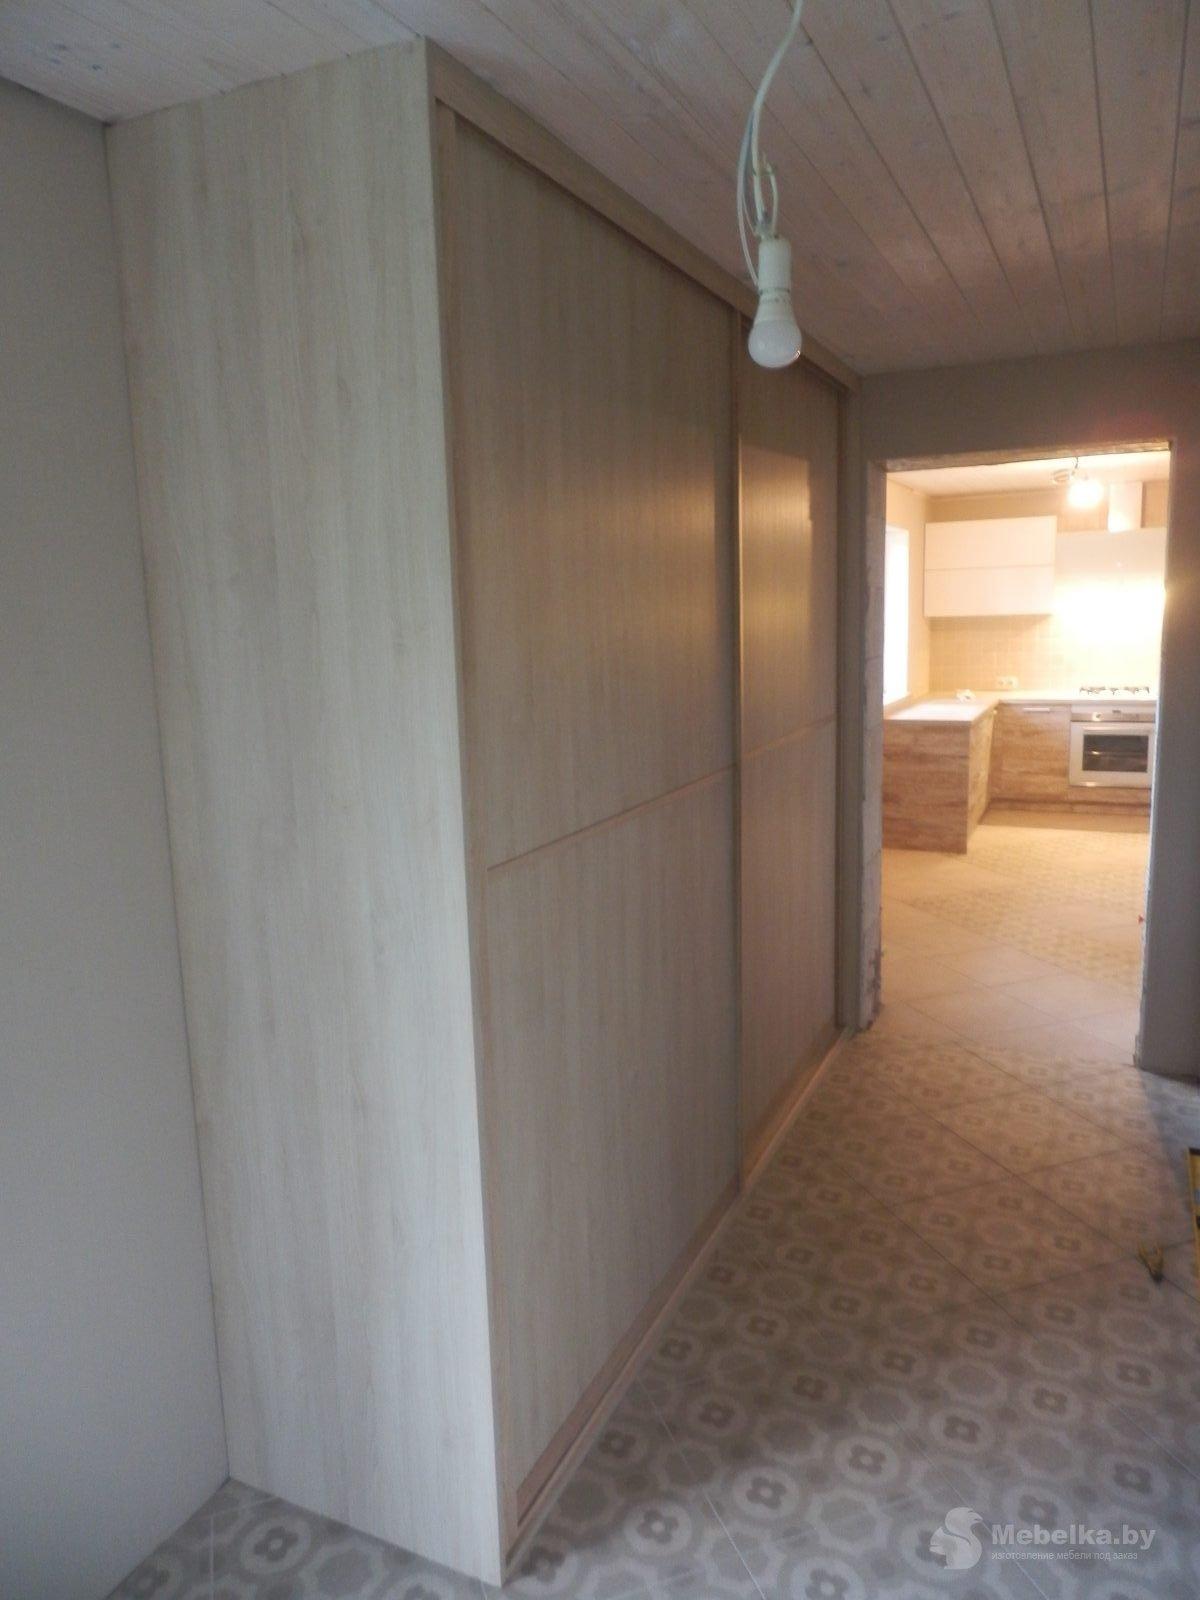 Шкаф-купе в прихожей в частном доме вид 1